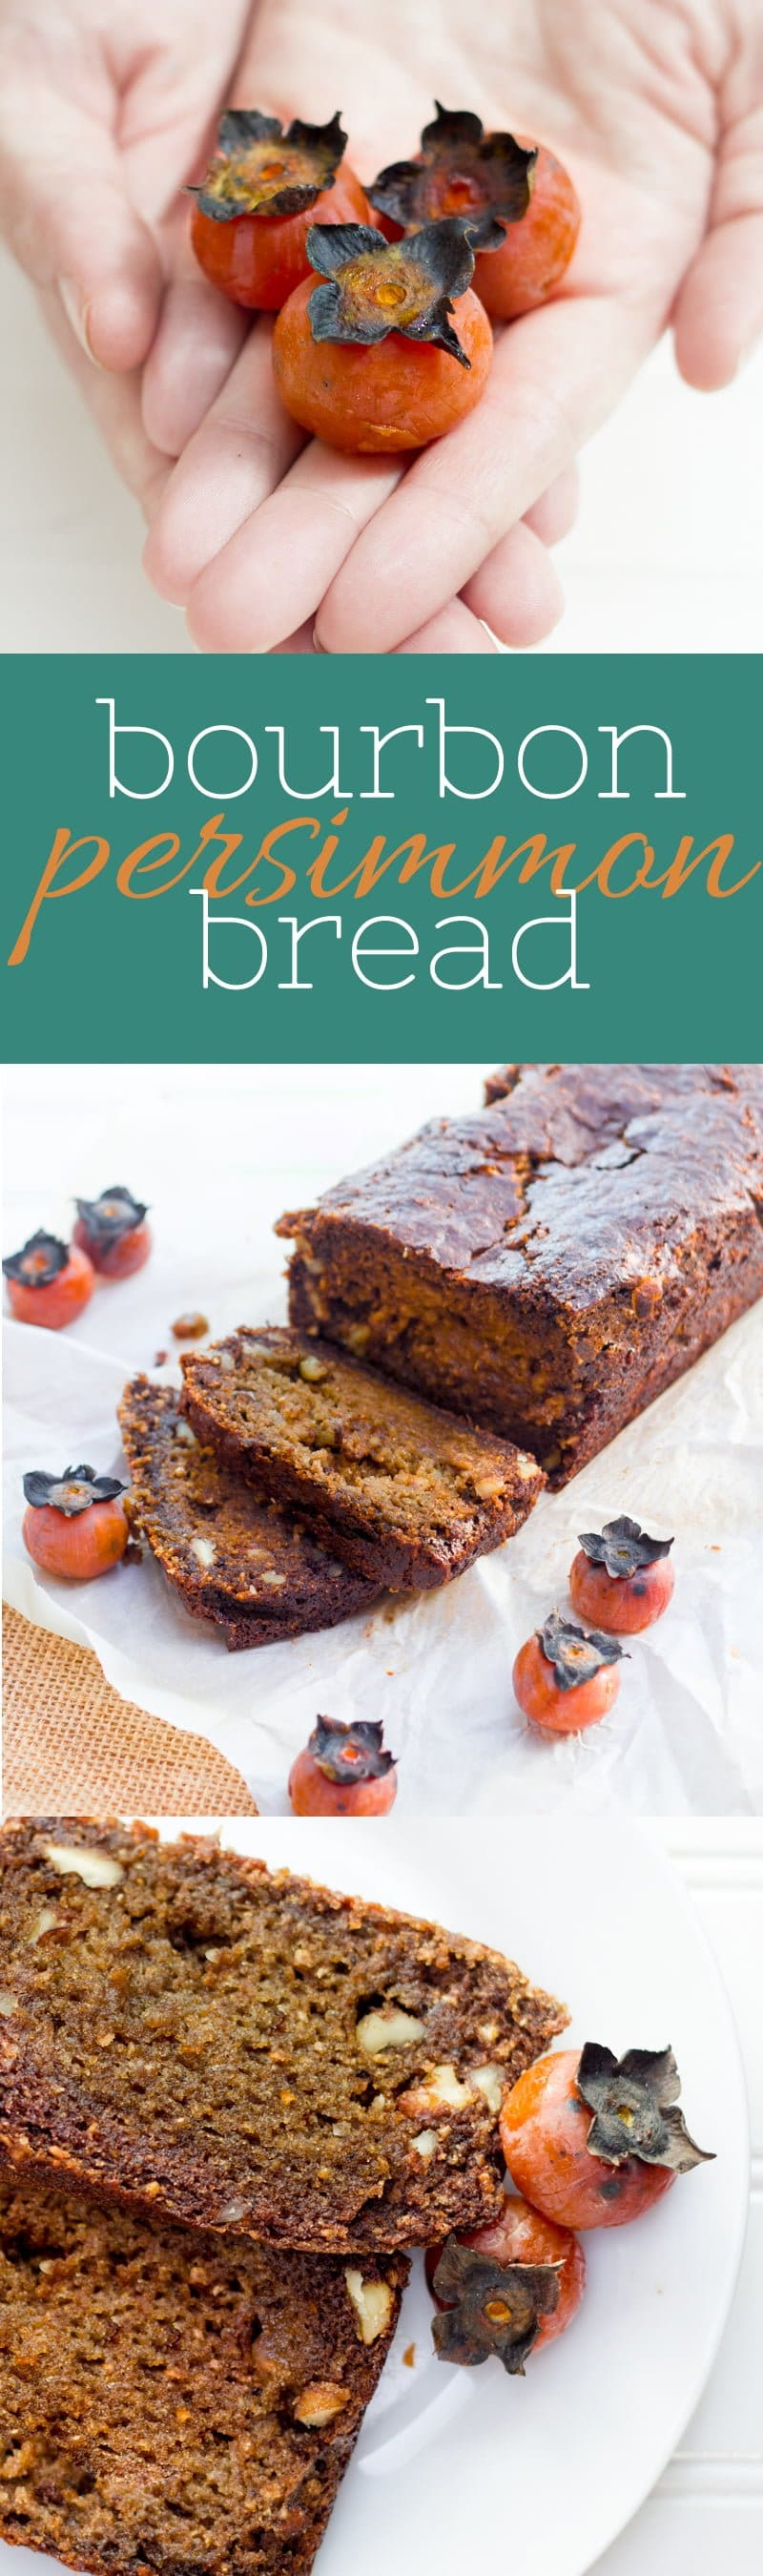 Bourbon Persimmon Bread